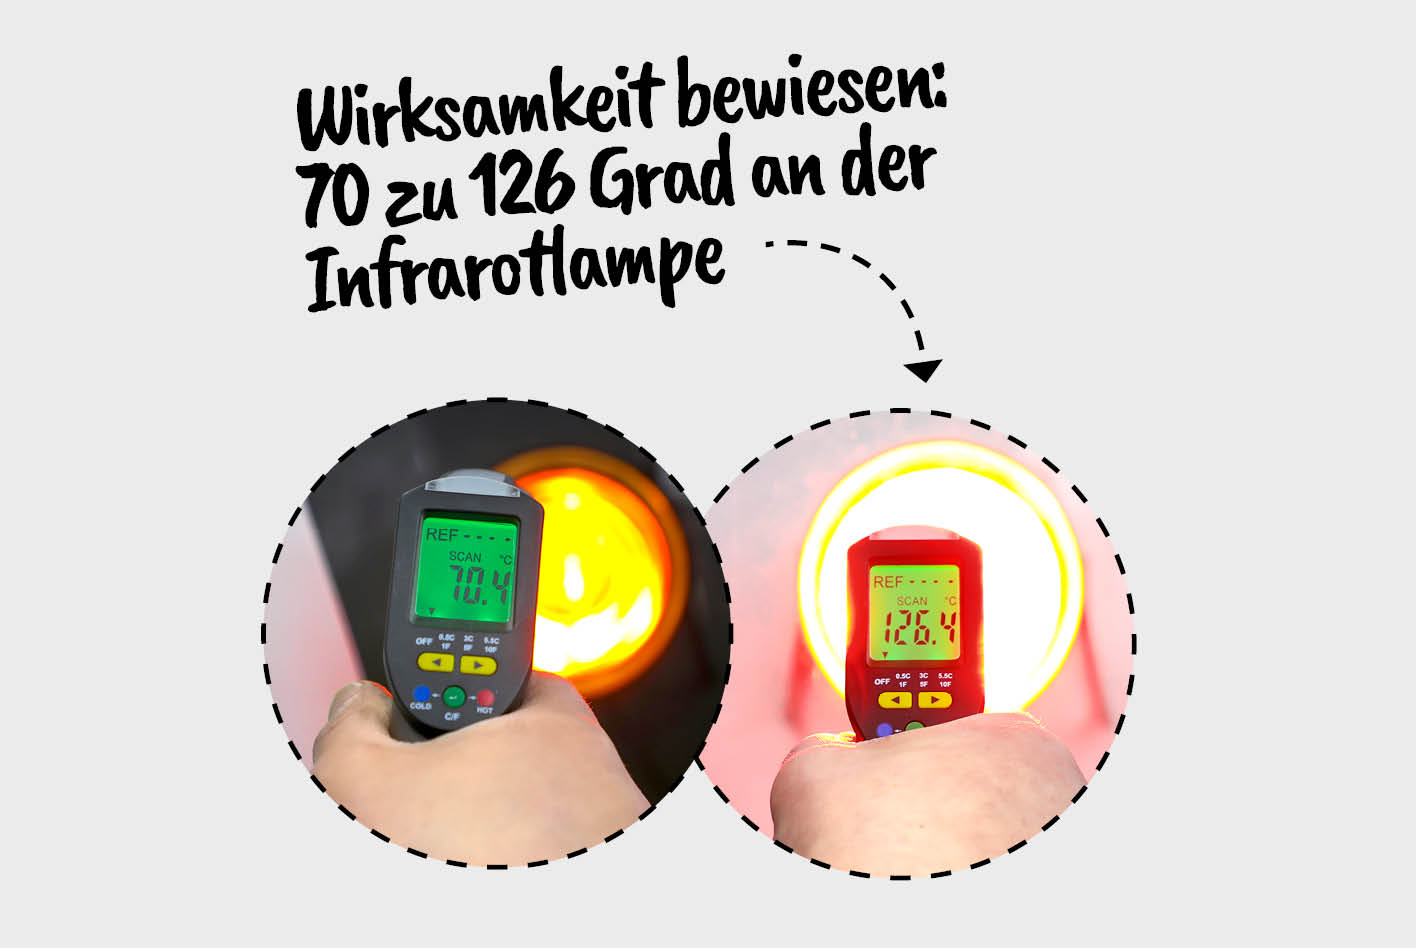 Das Wärmethermometer zeigt, wie sehr Autofolien vor Sonneneinstrahlung von außen schützen.